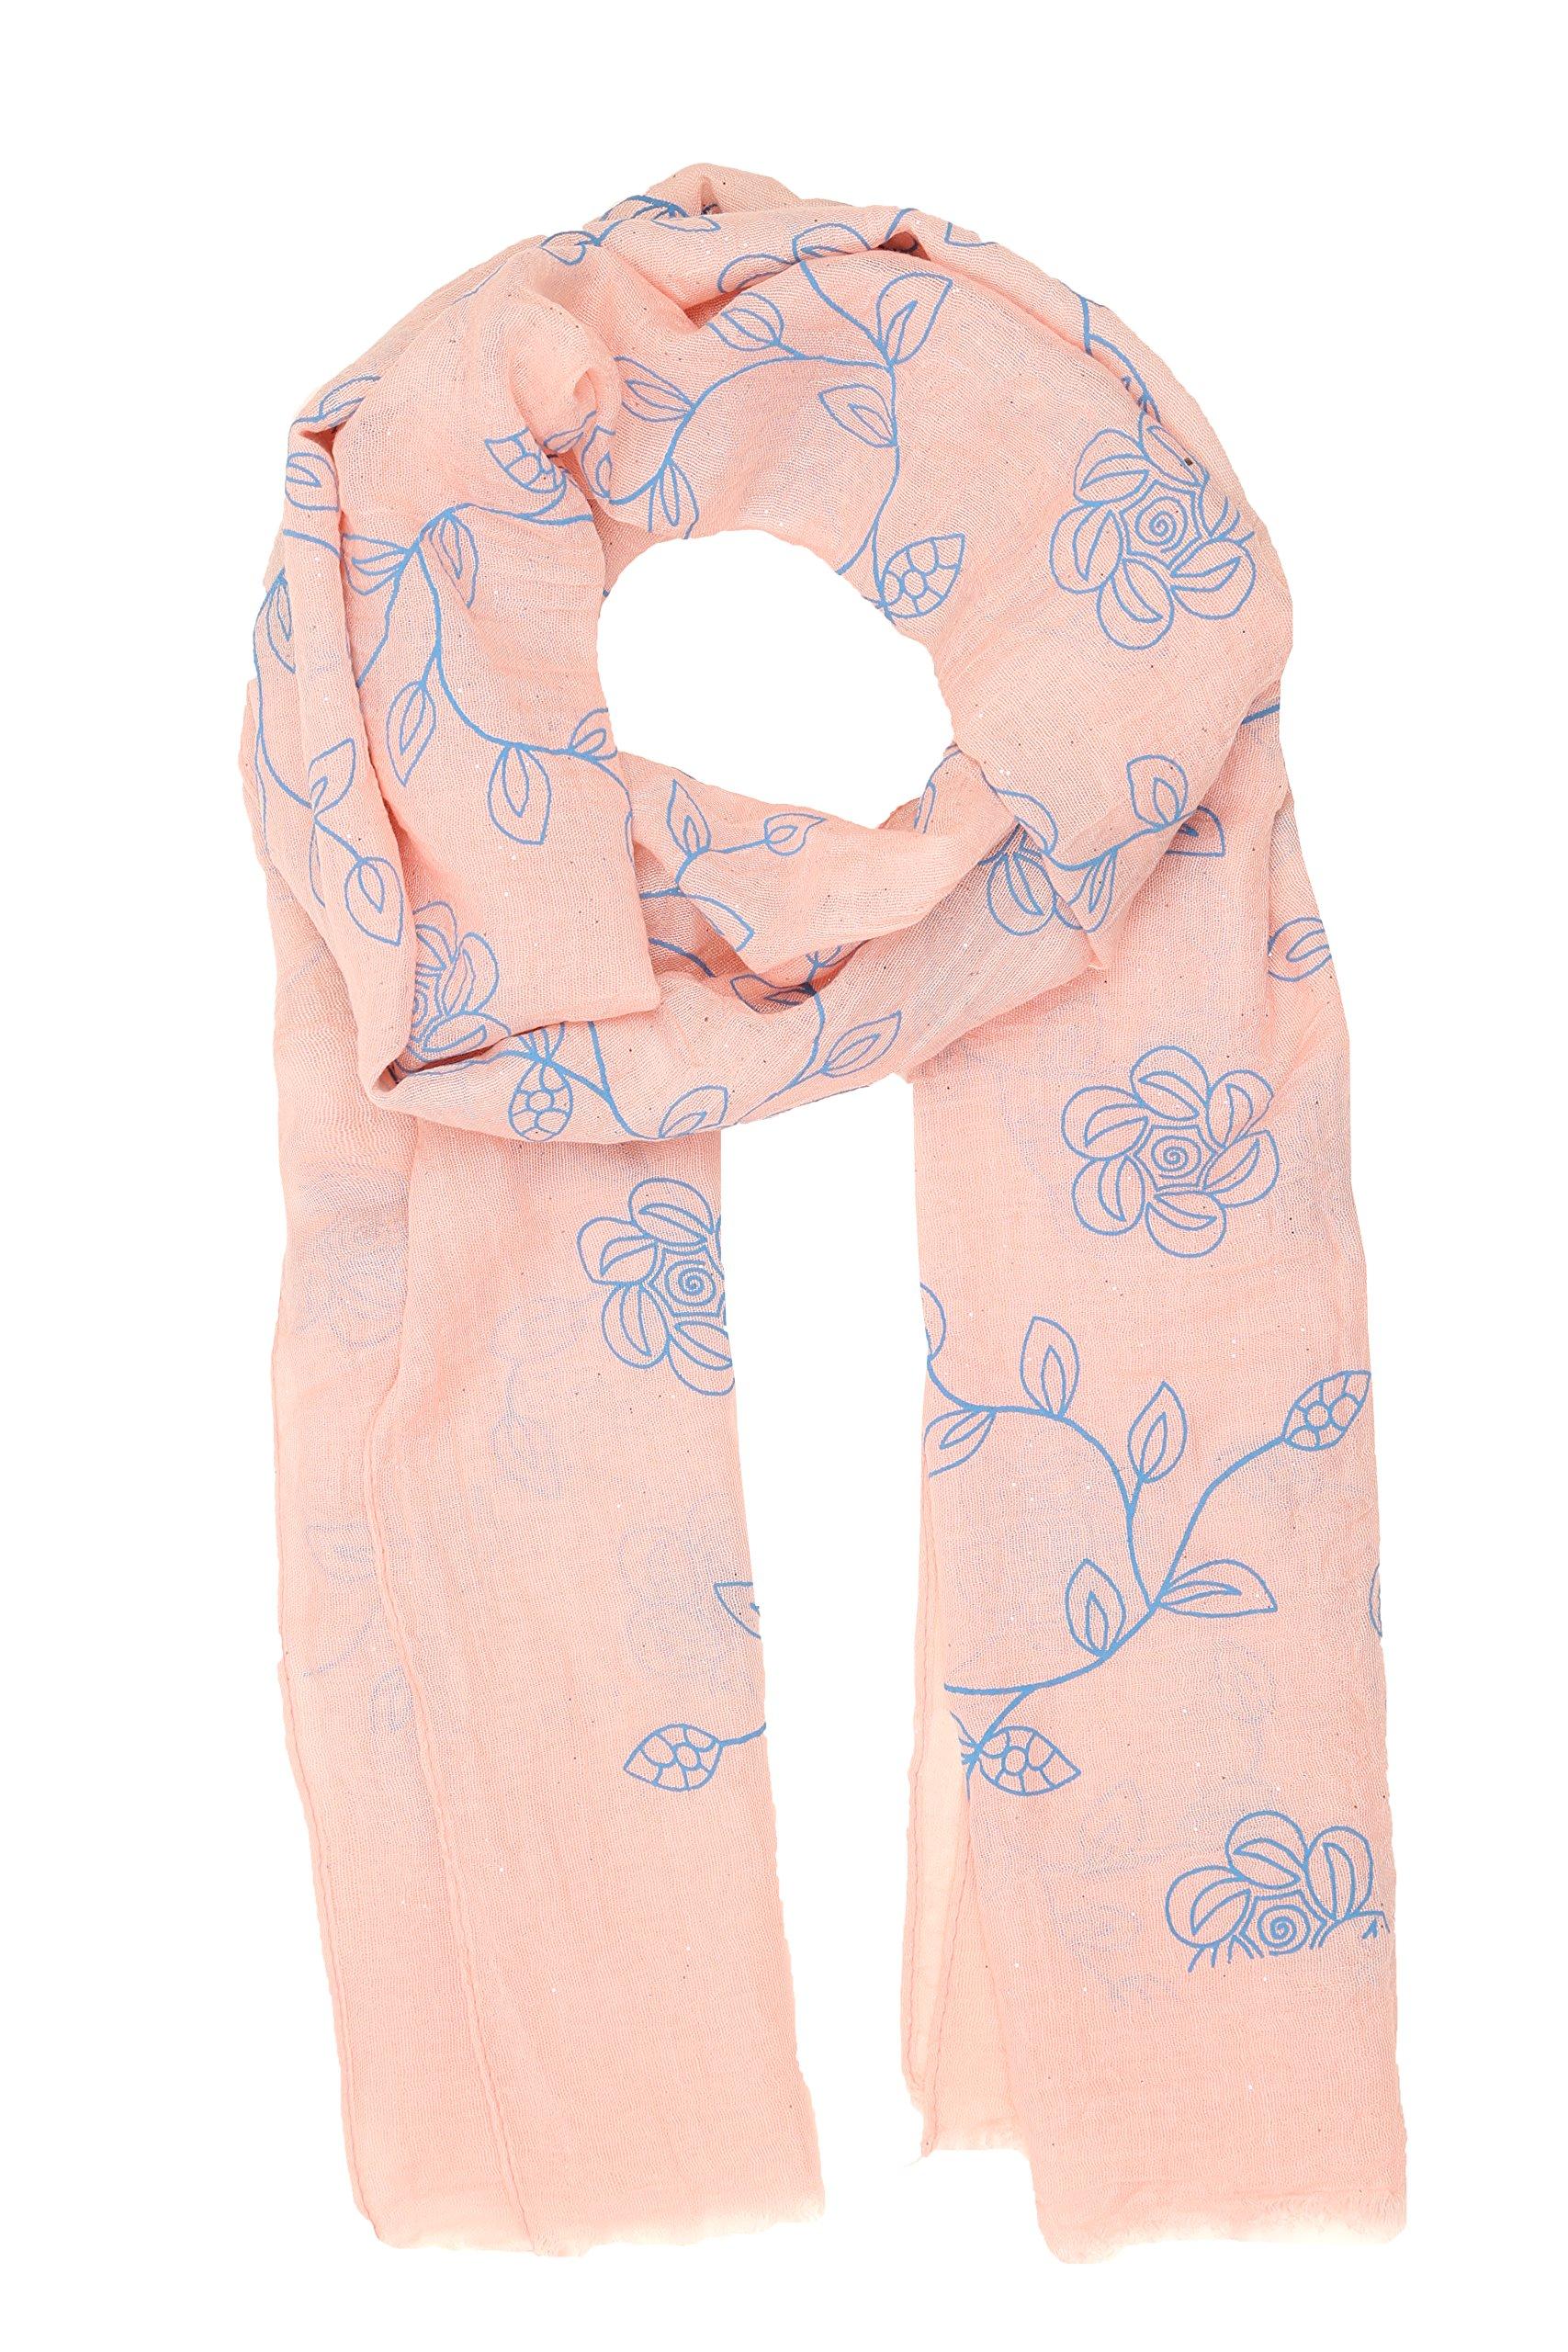 Sakkas Hillary summer breeze lightweight flowing sheer gauze wrap scarf